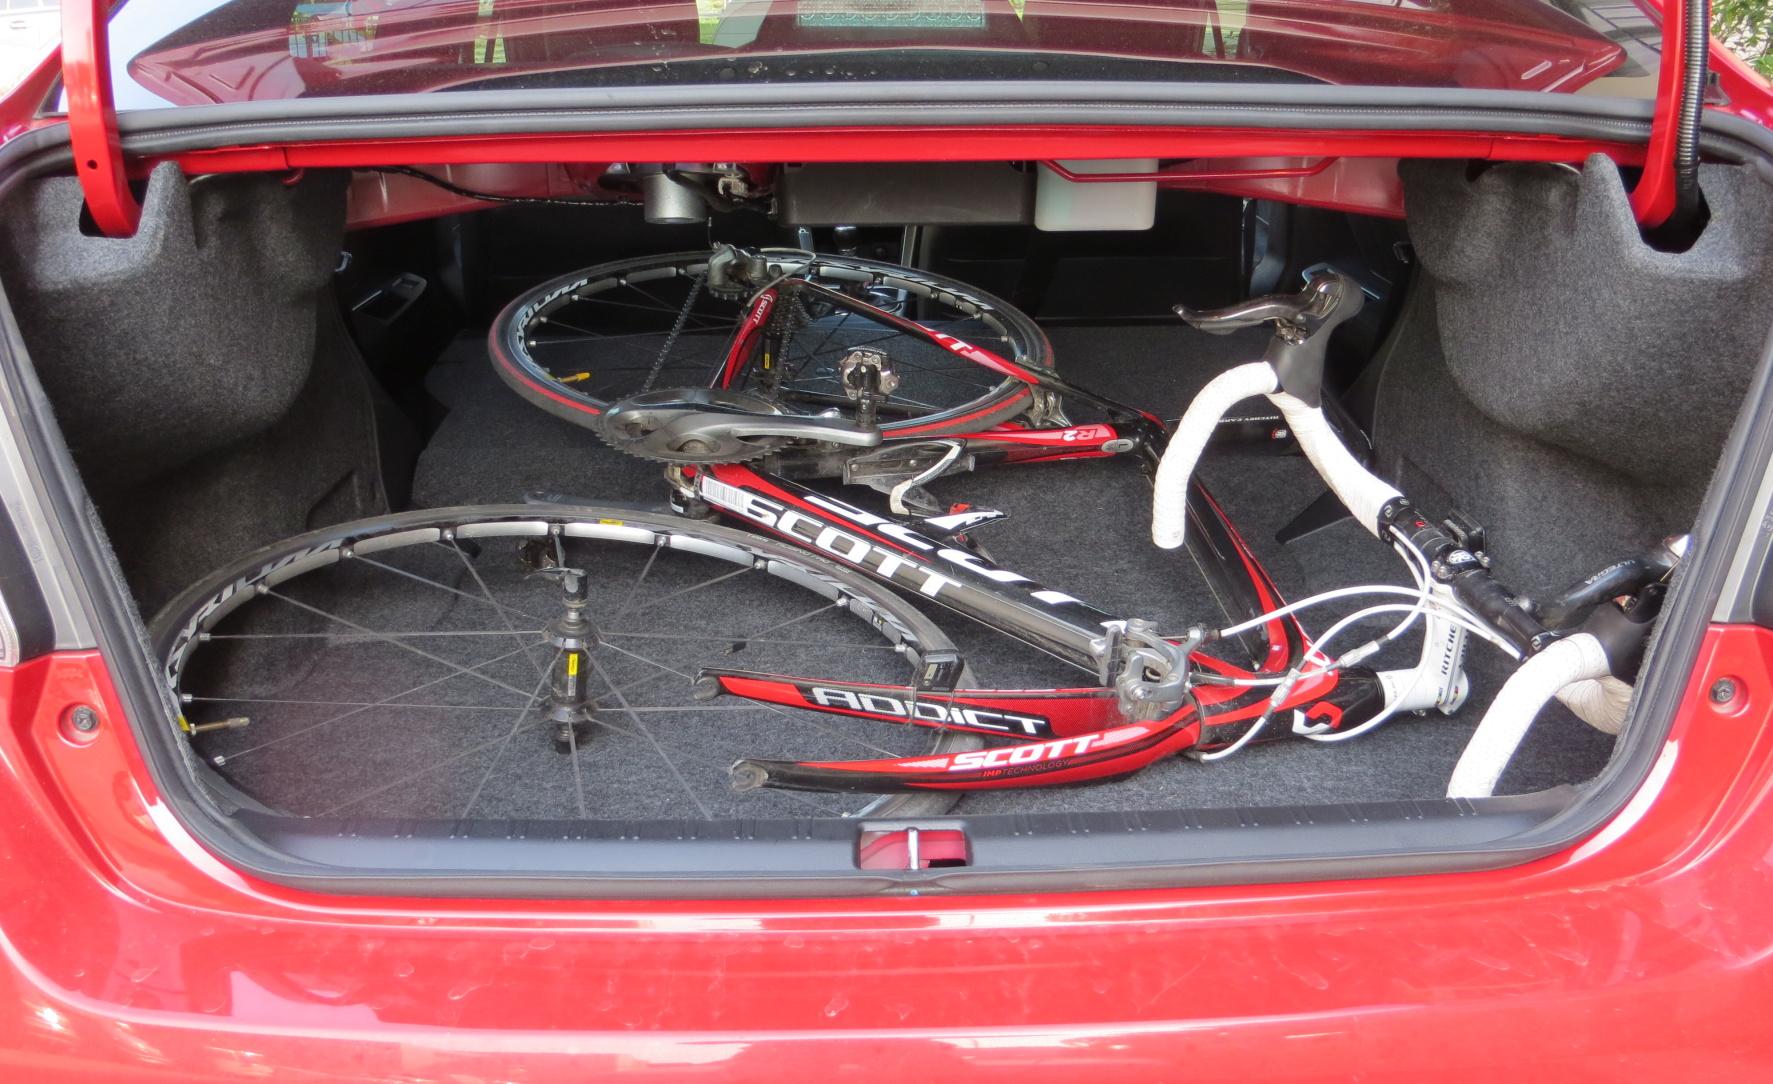 Silniční kolo v kufru Subaru.